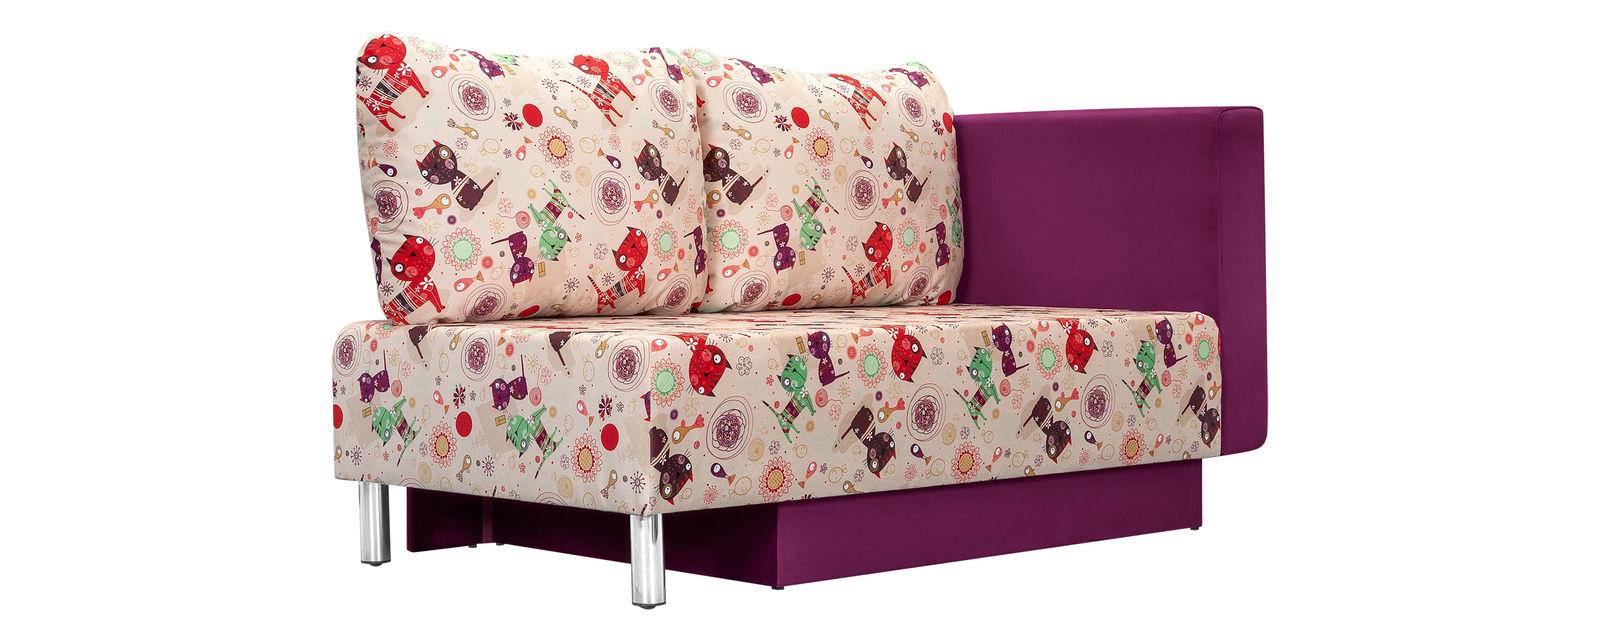 описание Диван тканевый прямой Лион Cats розовый (Ткань)